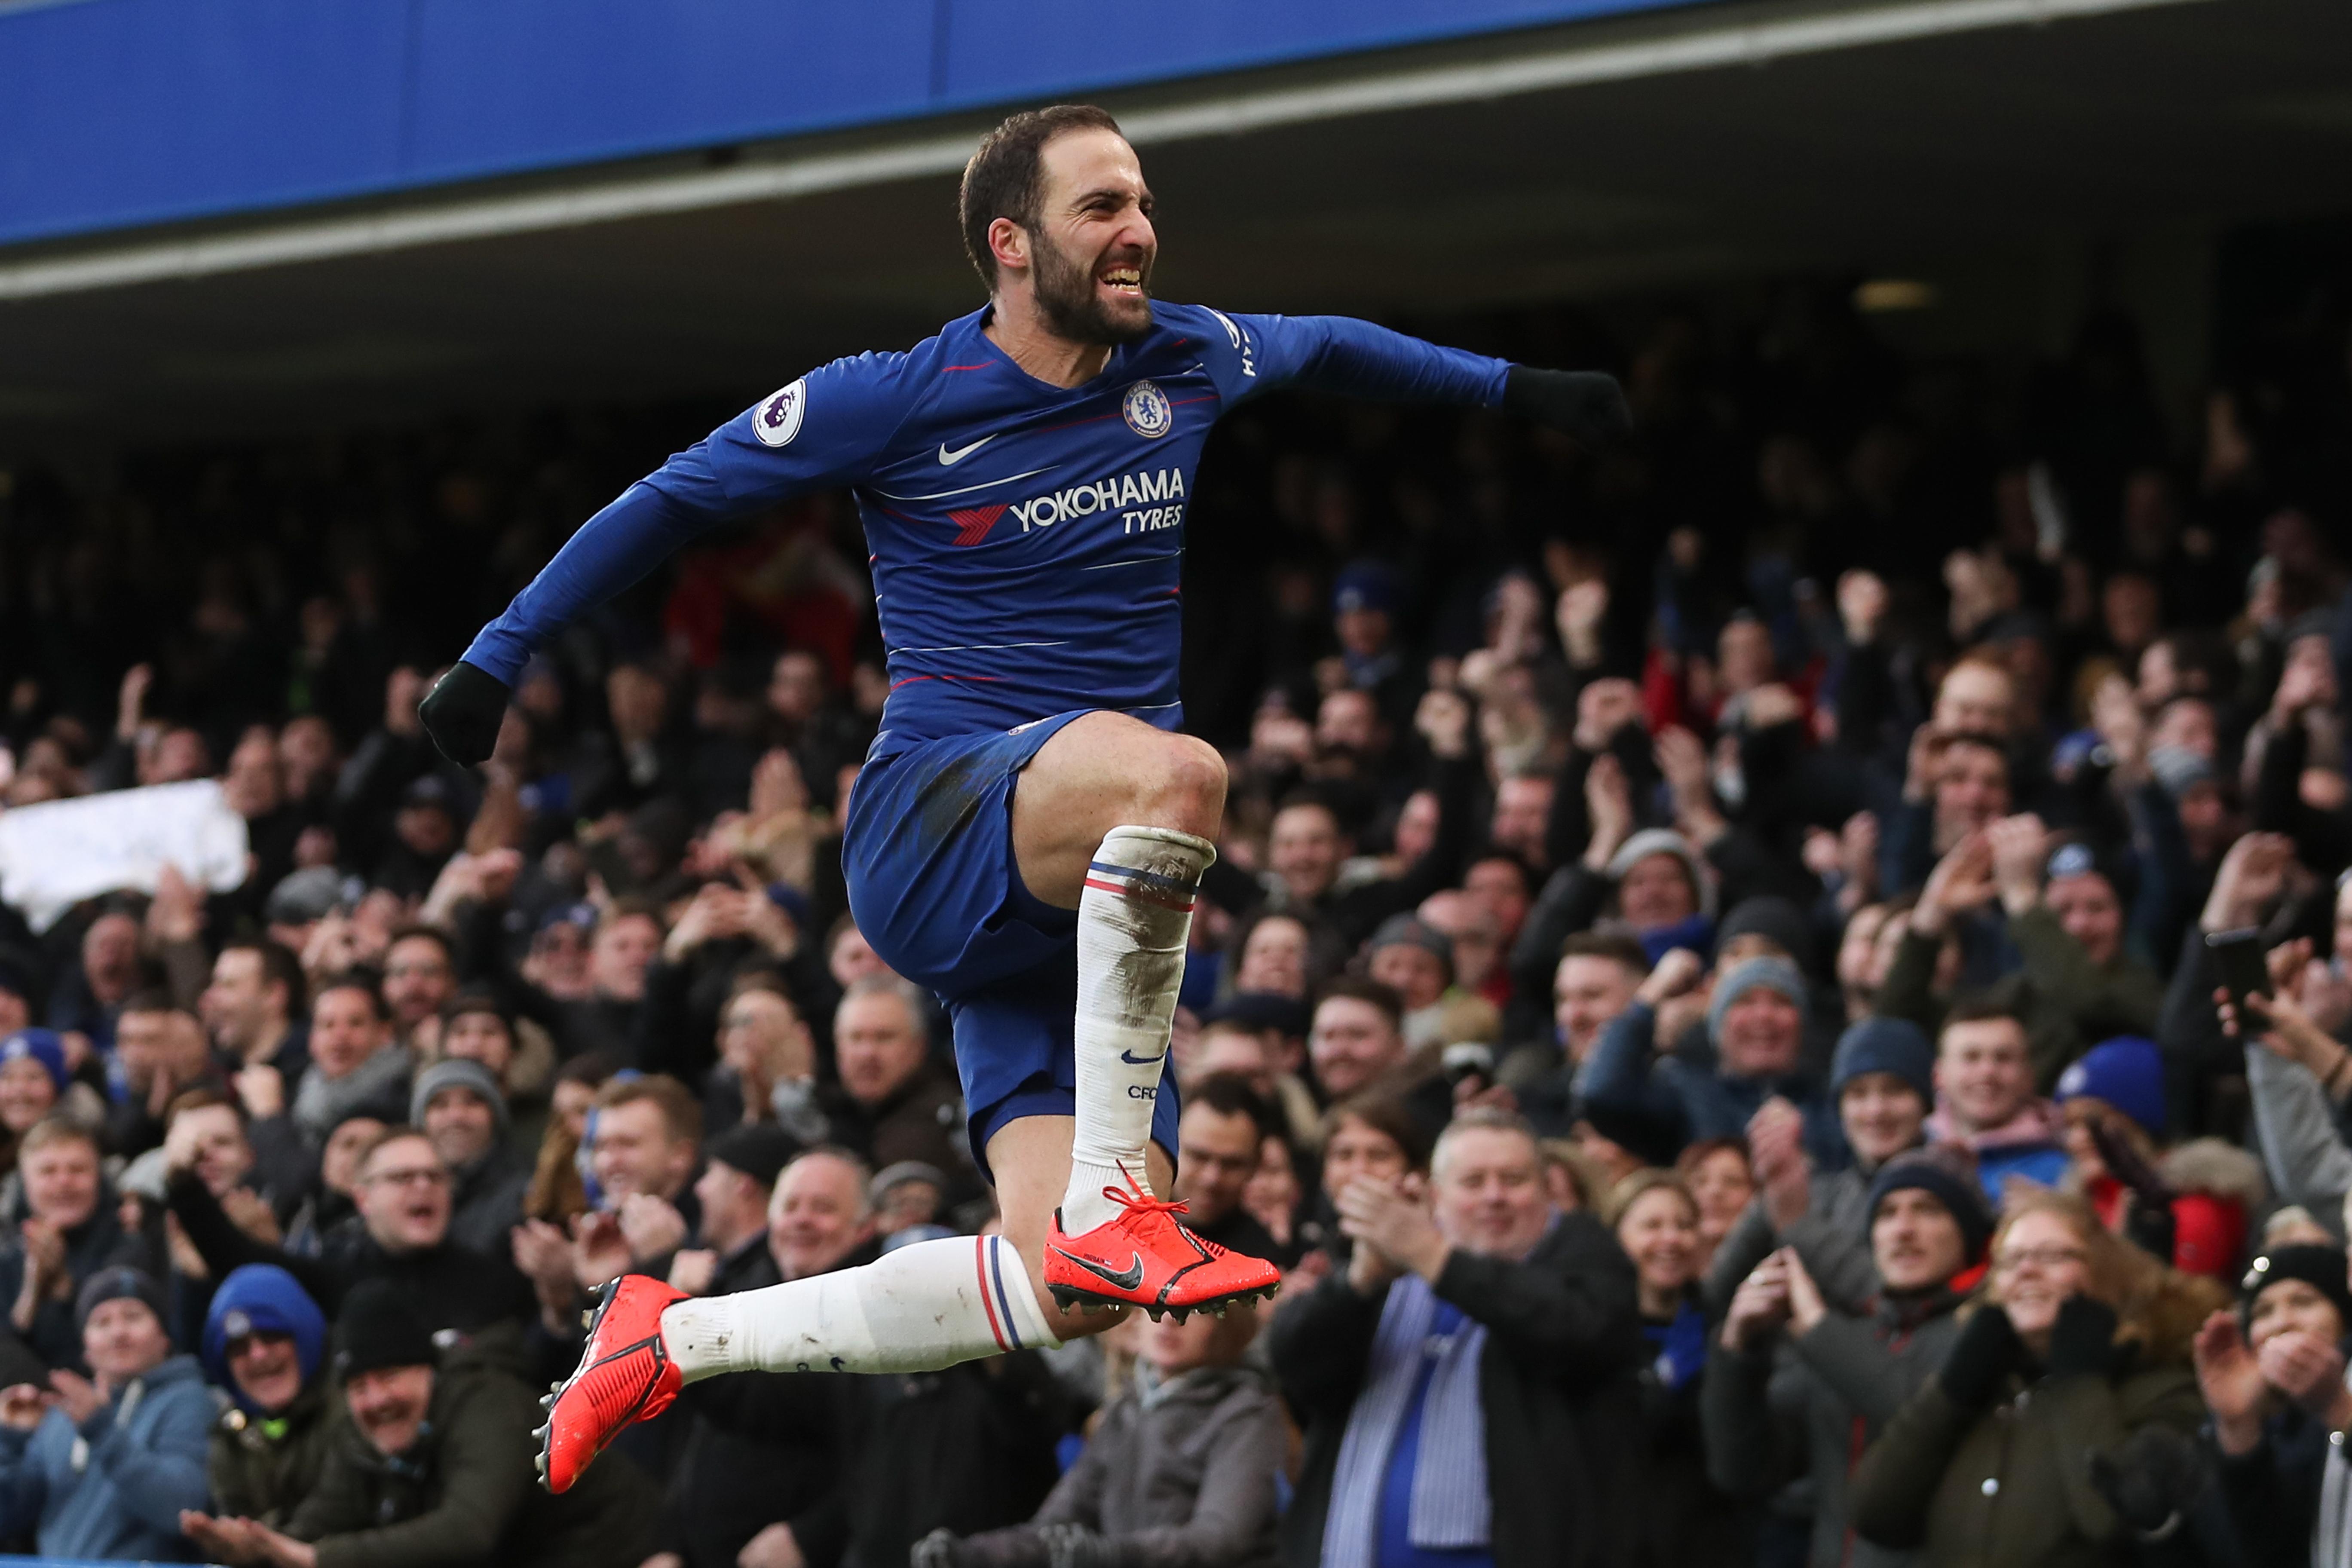 Kizárták a Chelsea-t a következő két átigazolási szezonból